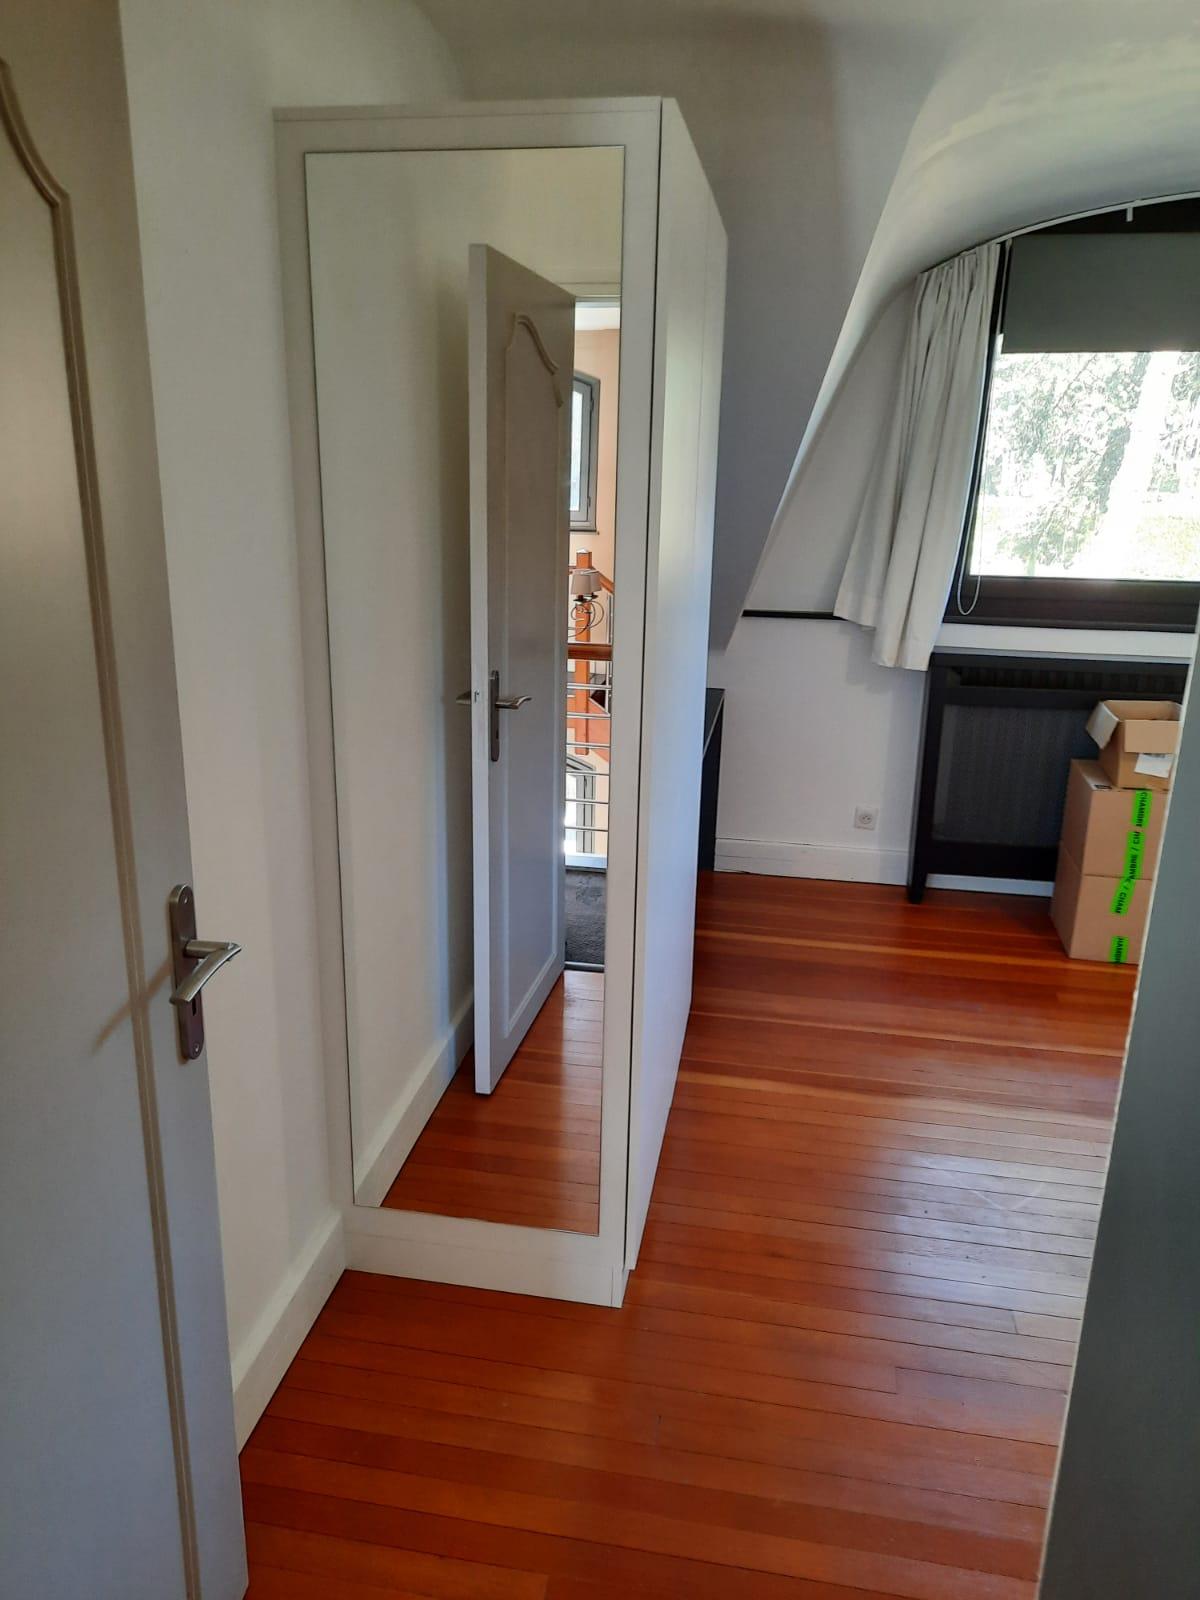 Sur cette dernière photo, on voit le côté de l'armoire.